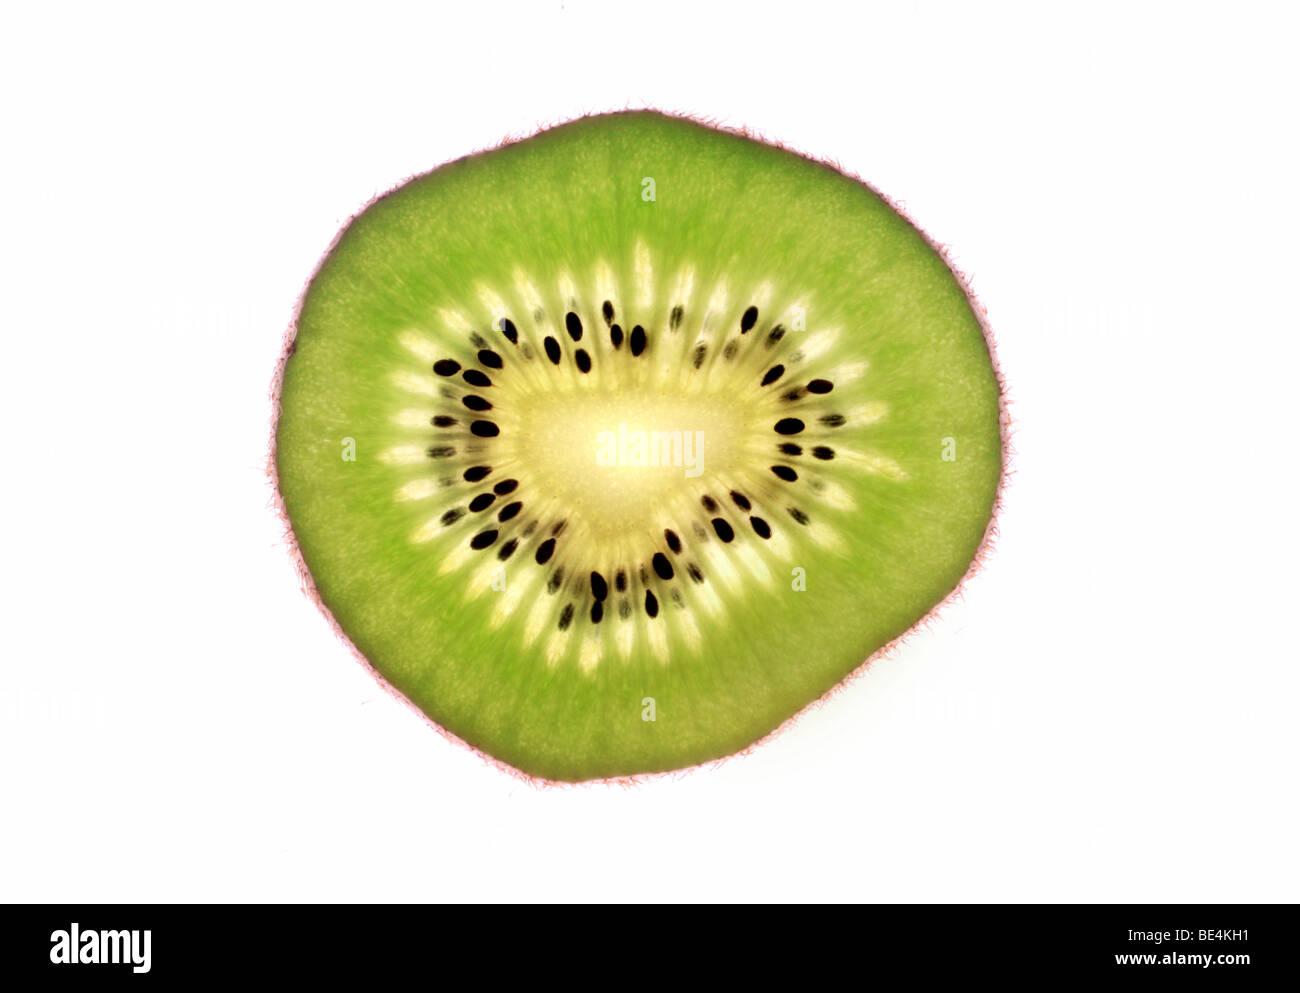 Slice of the kiwi fruit - Stock Image